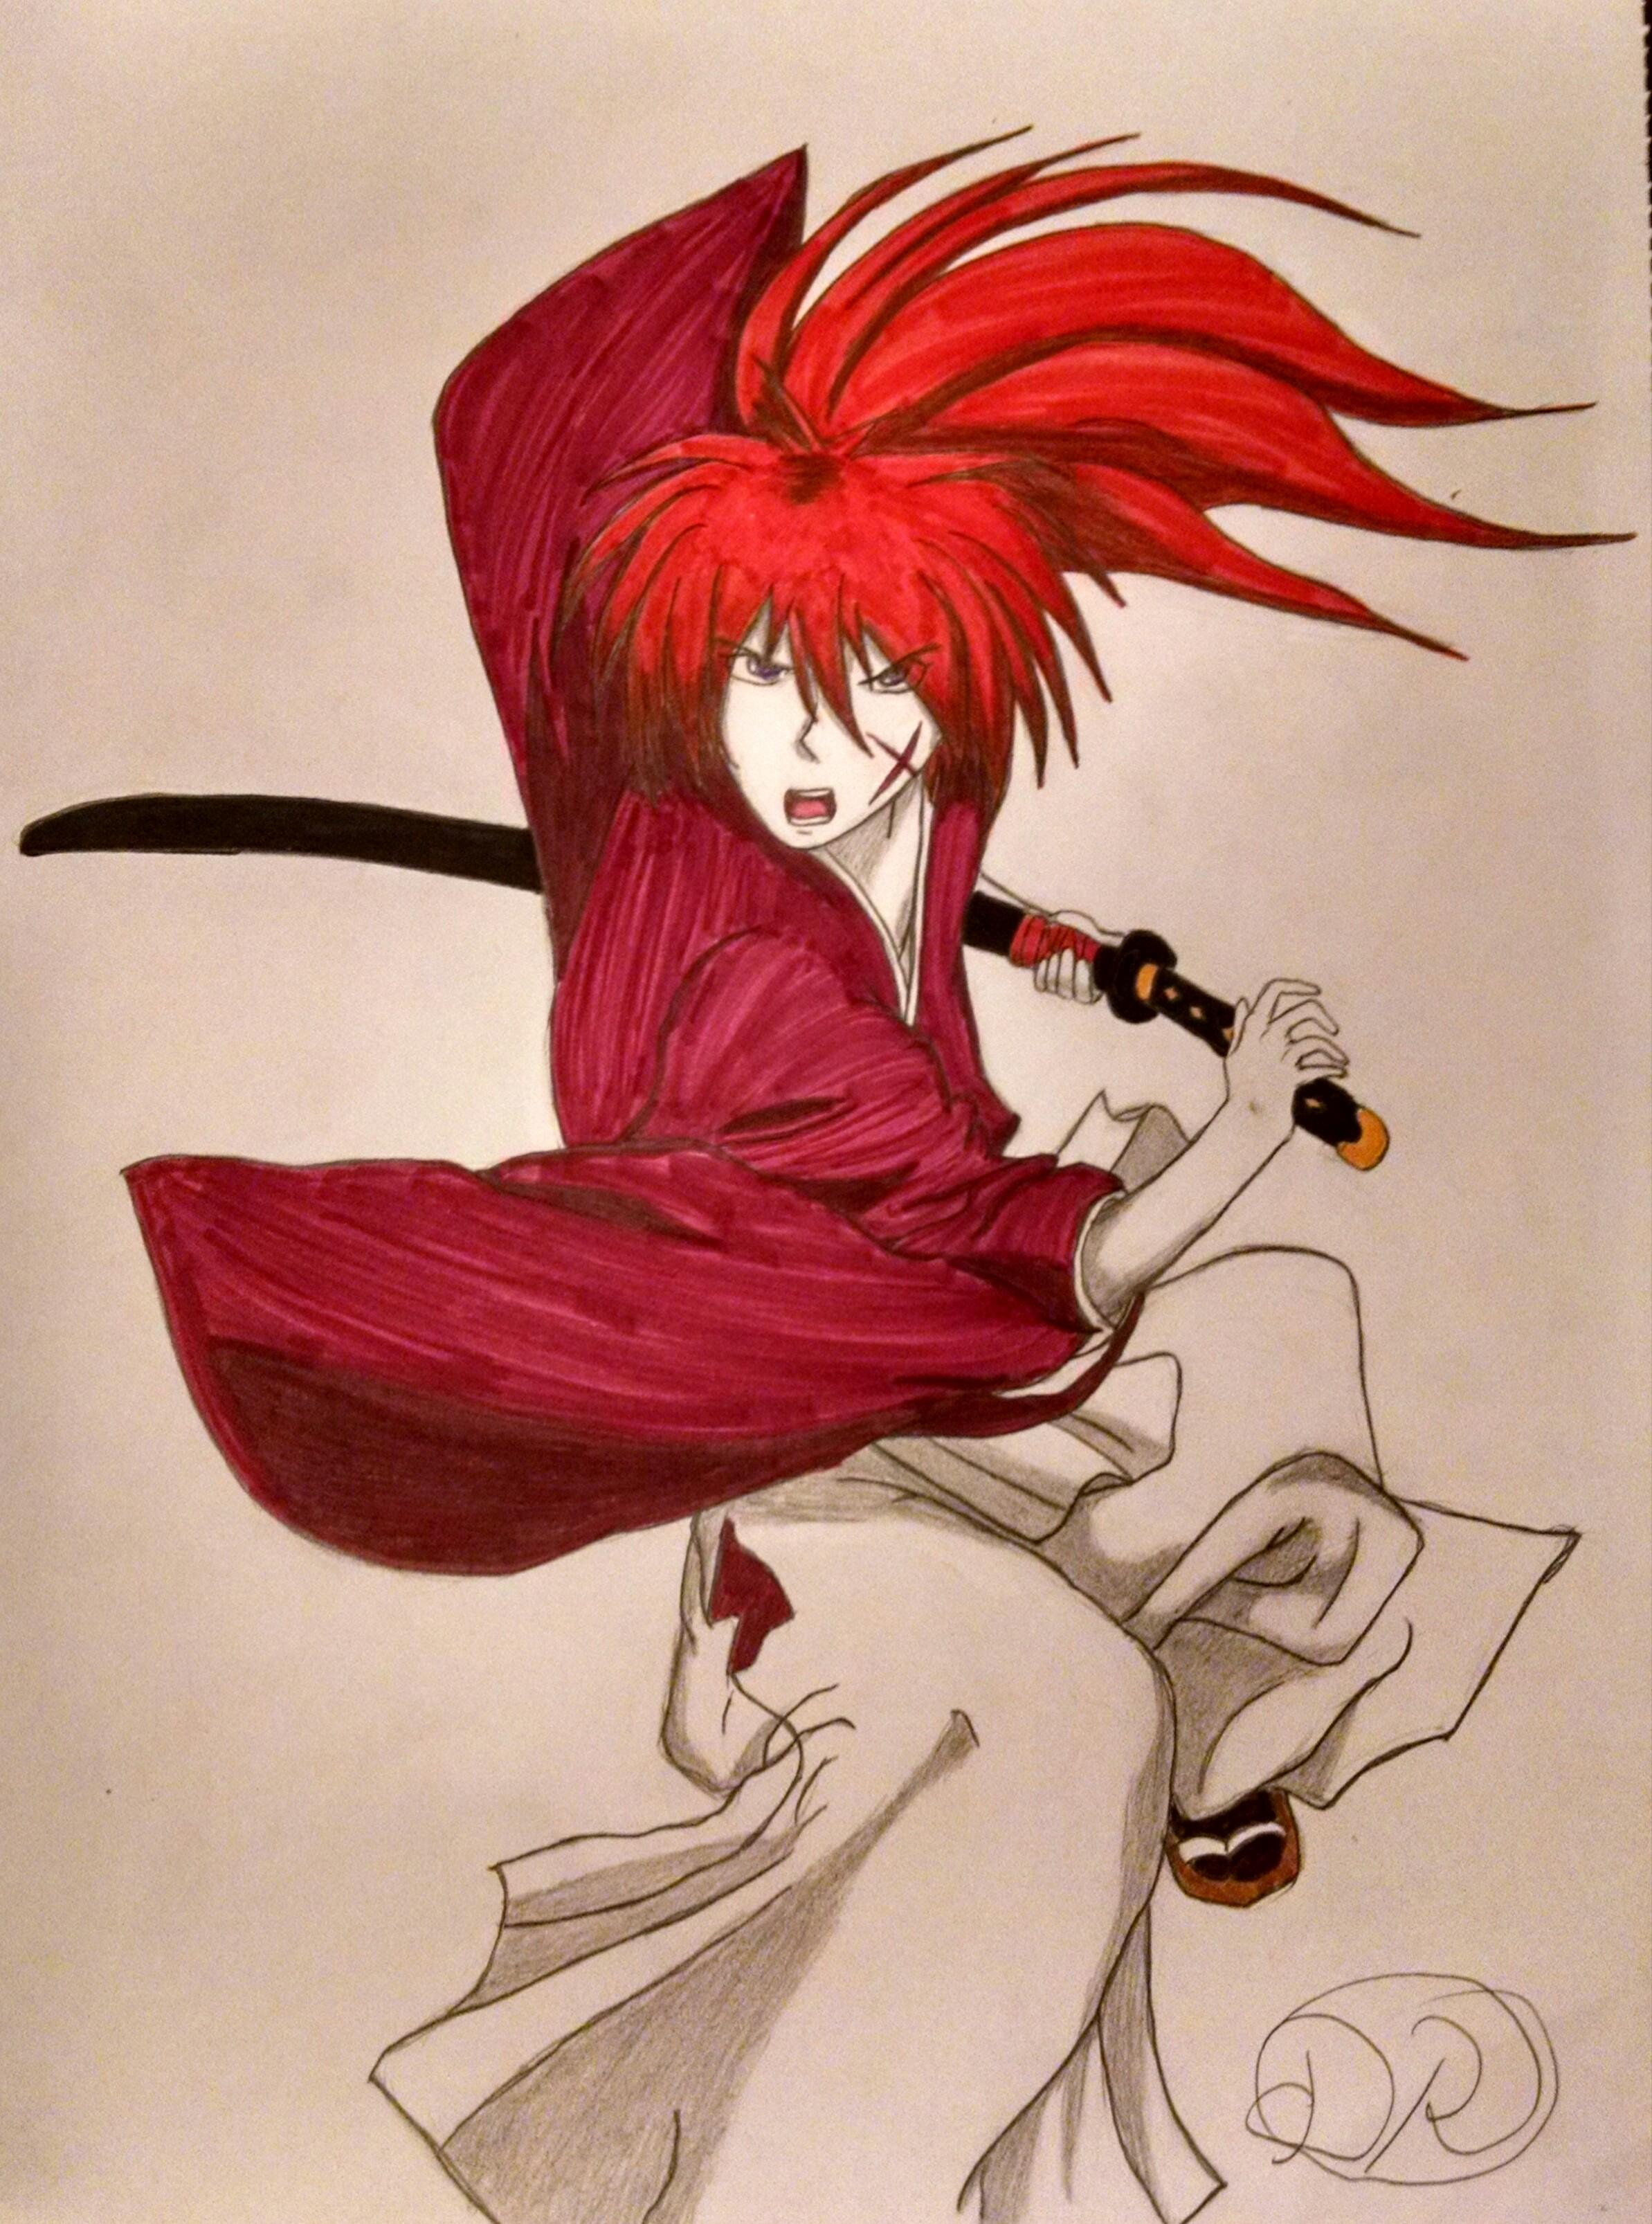 Kenshin by DestinyRider